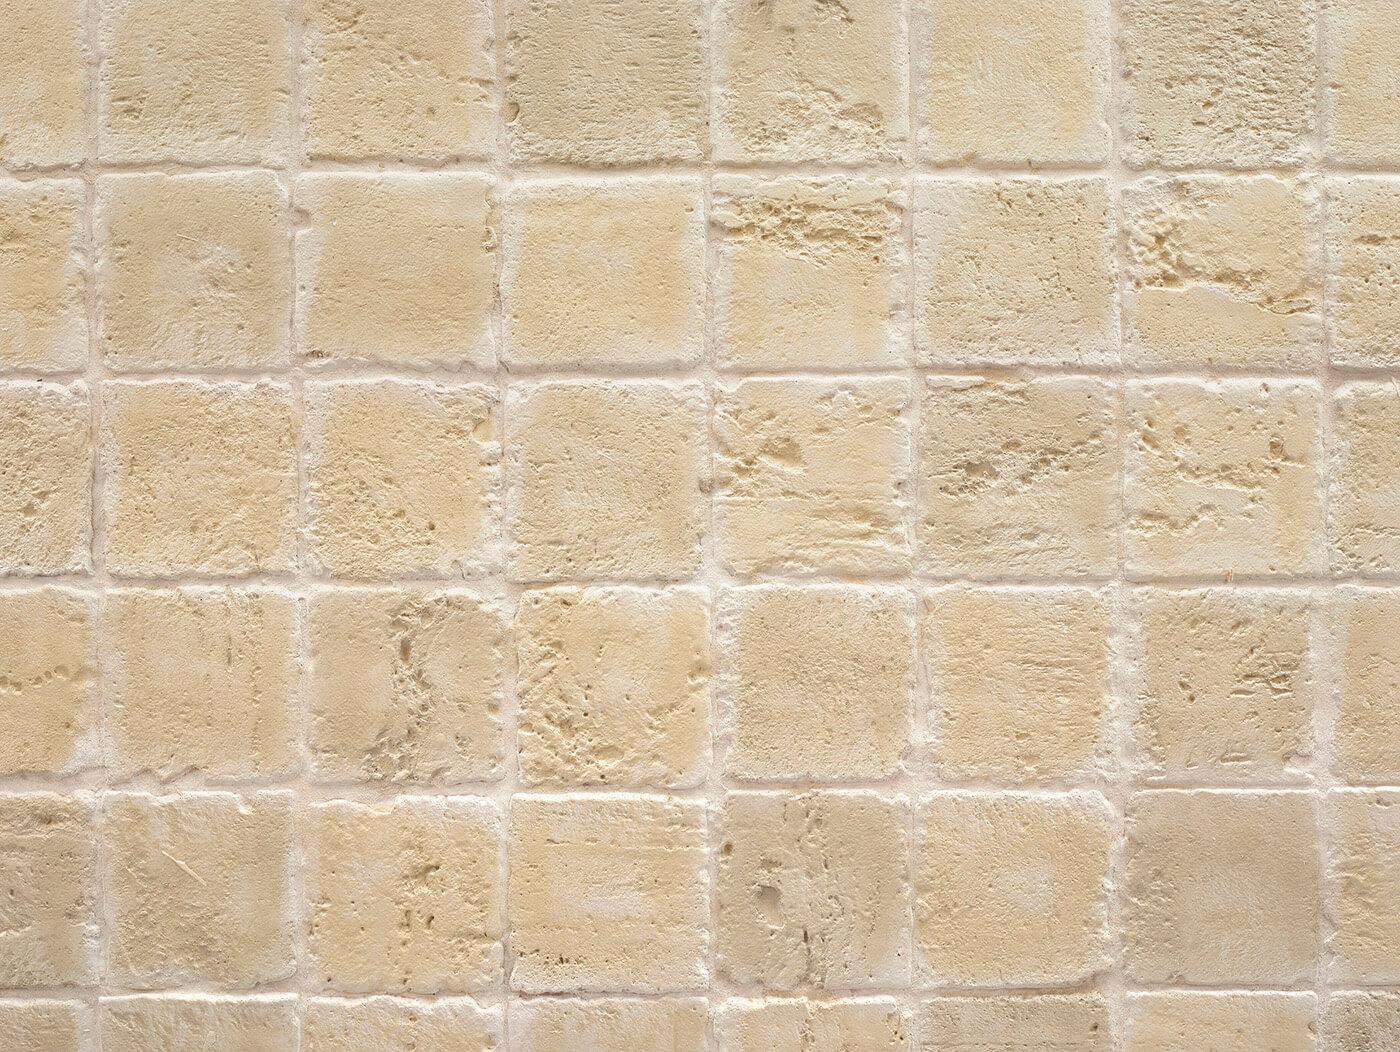 Ladrillo mosaico #crudo